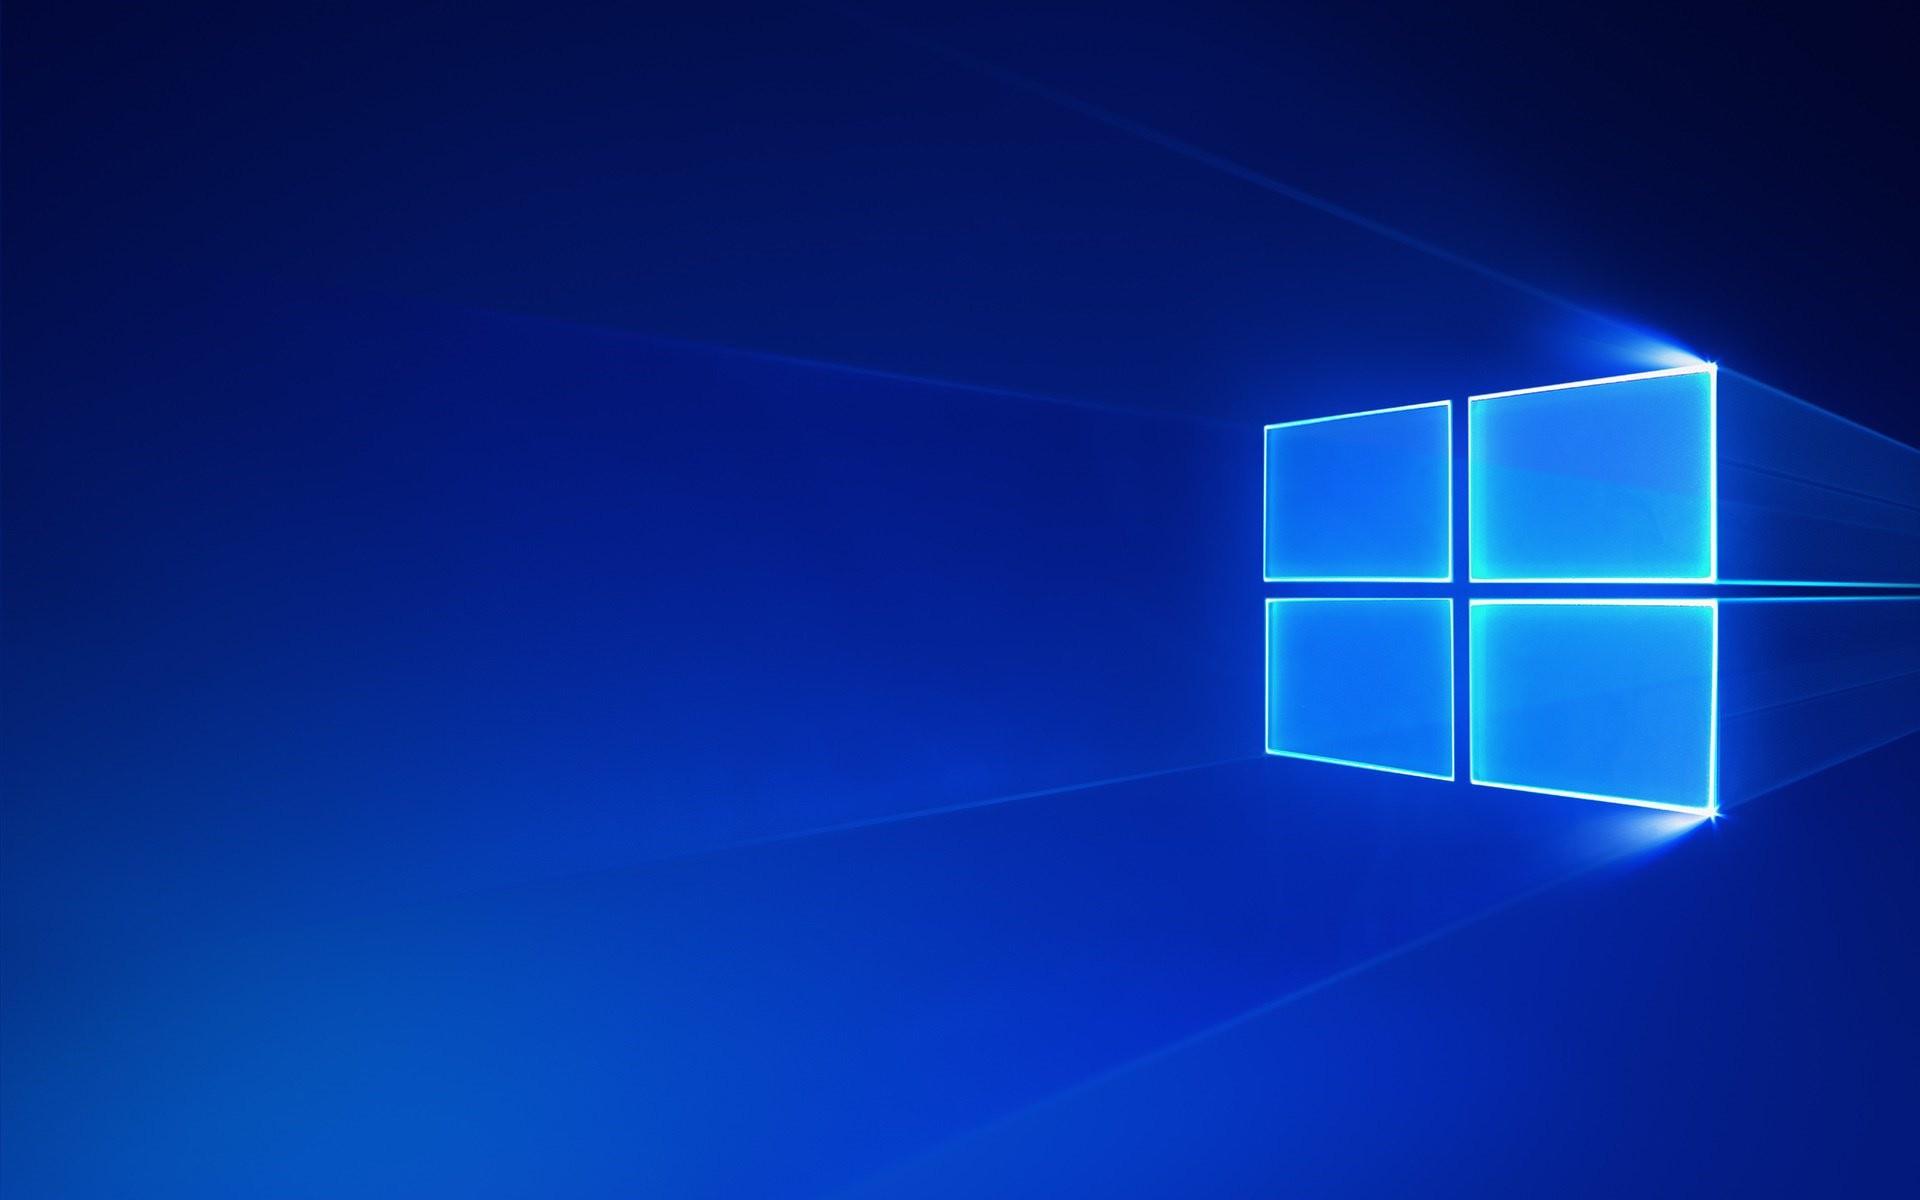 Microsoft Confirms New Bug in Windows 10 Cumulative Updates